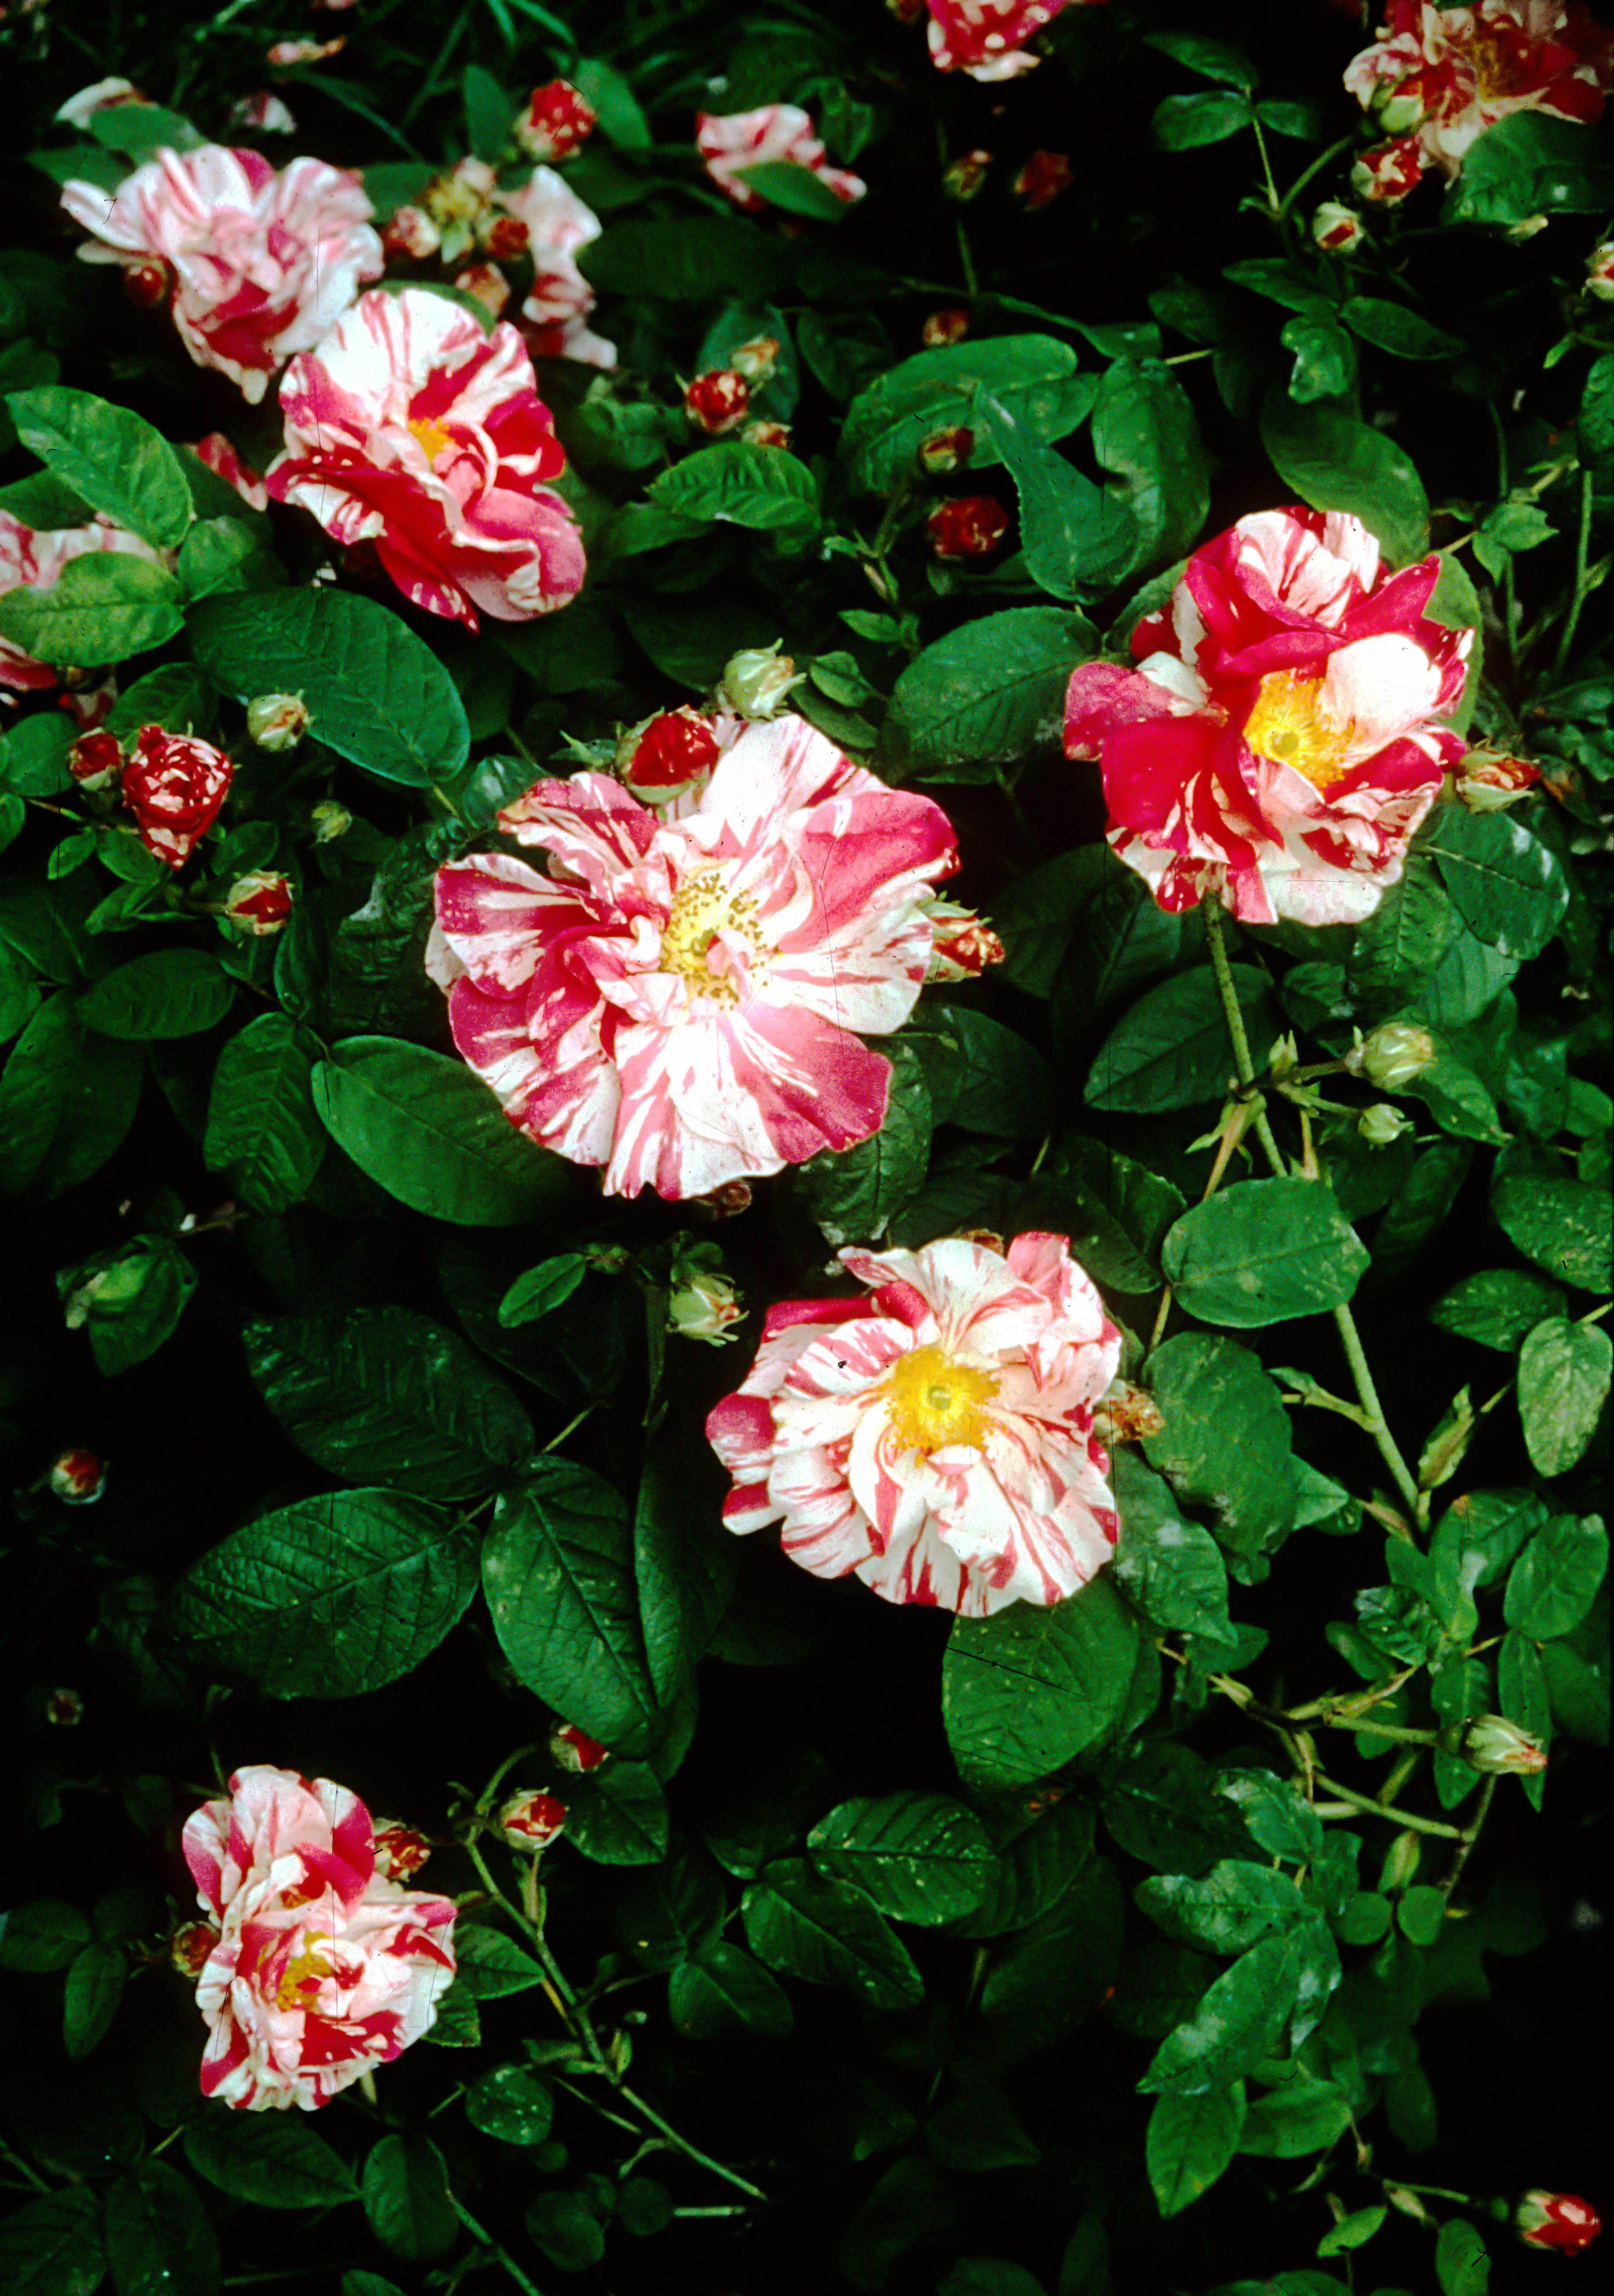 R mundi (R gallica versicolor 2)